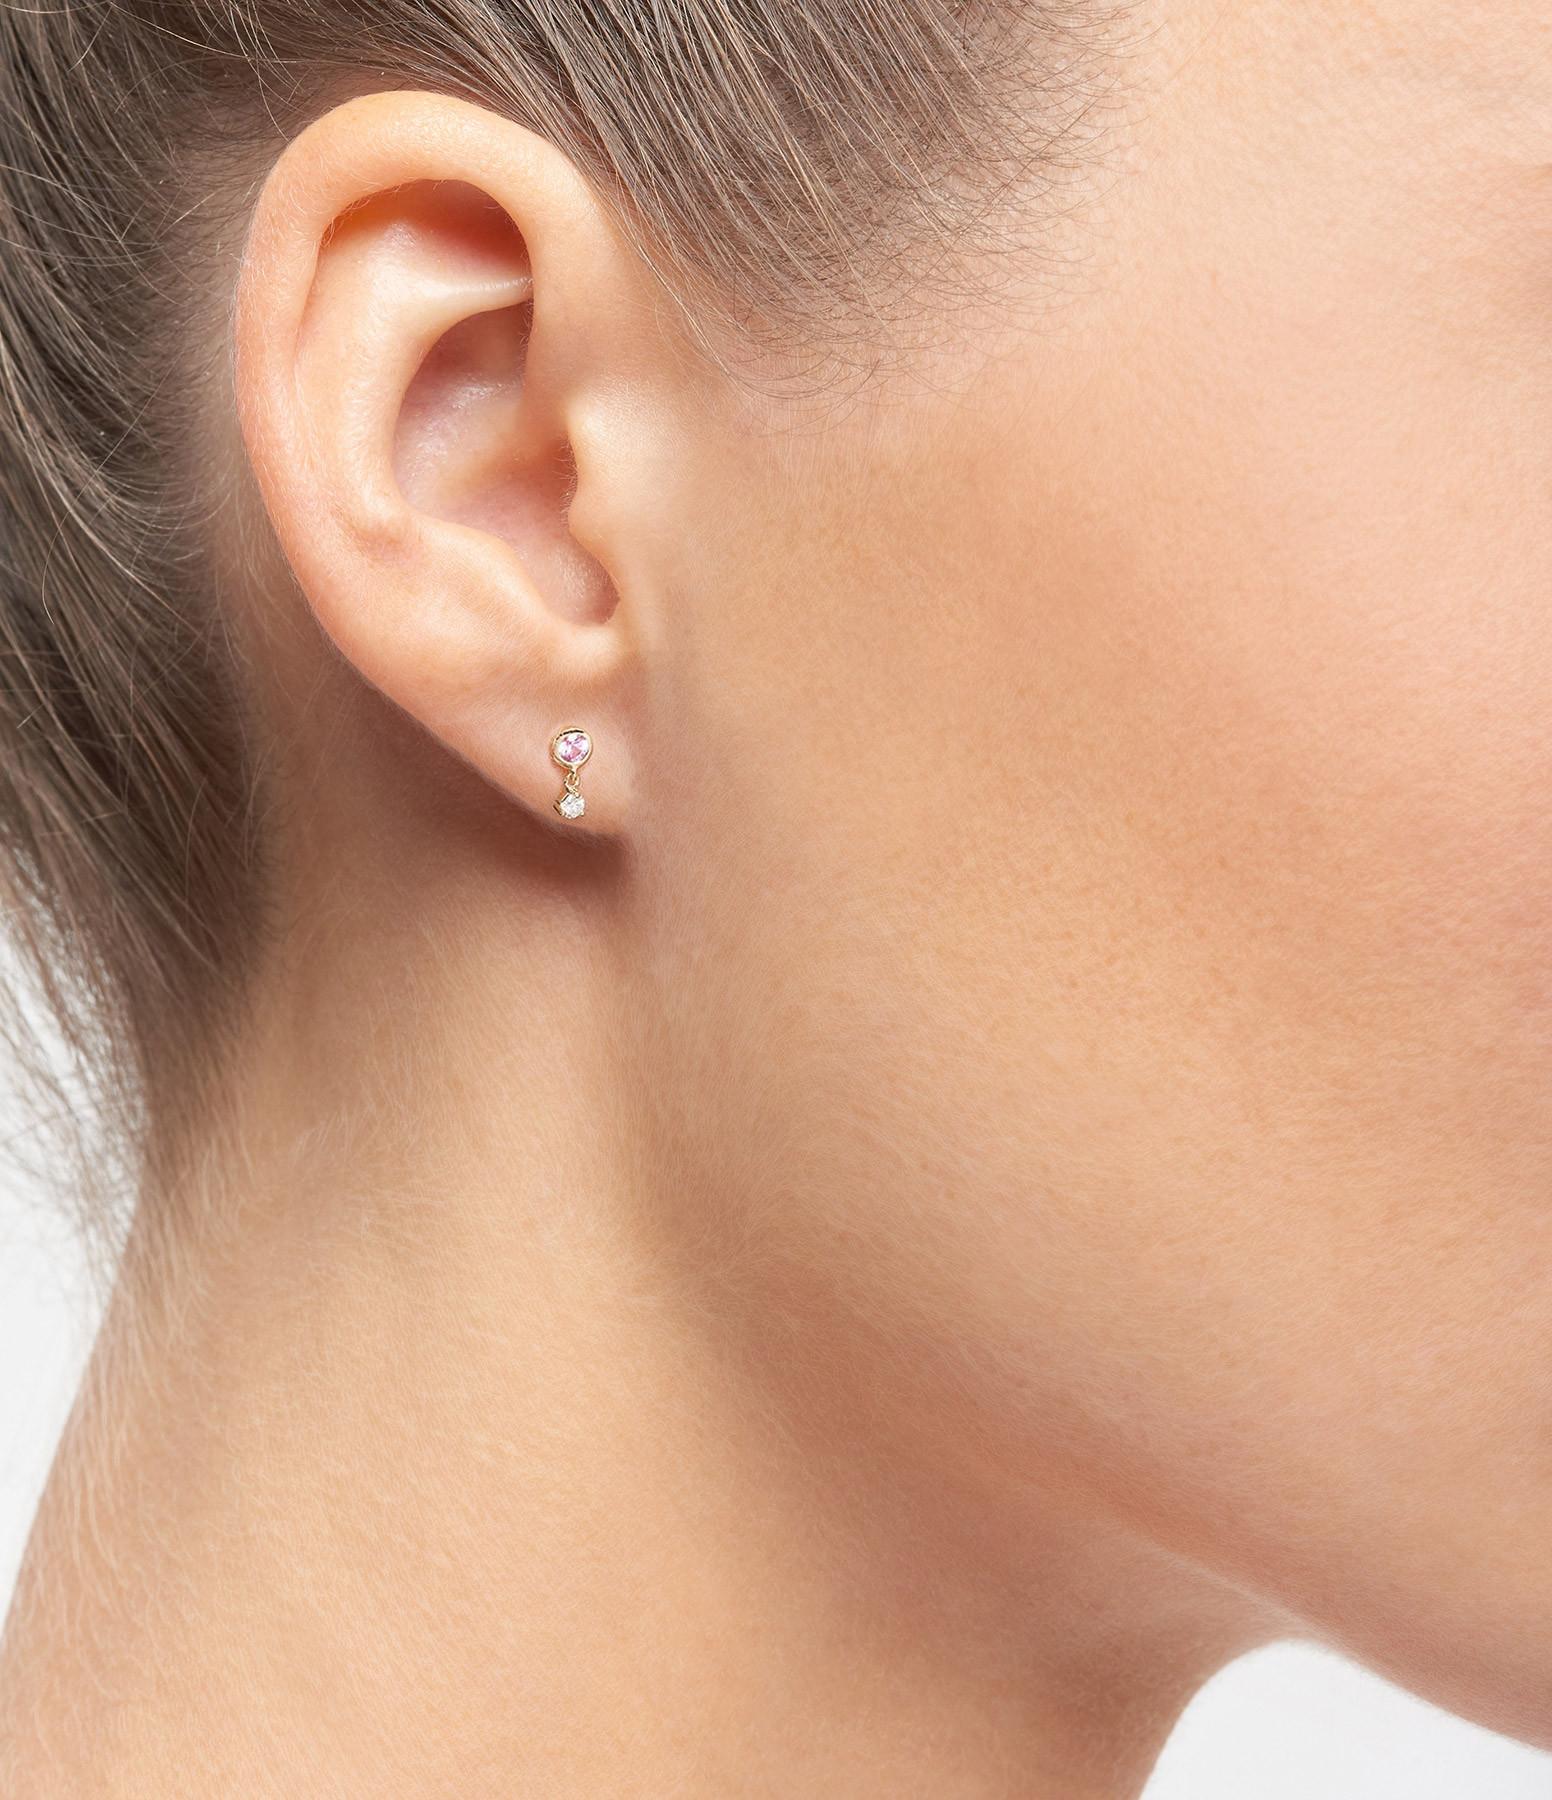 AND...PARIS - Boucle d'oreille Birthstone Saphir Rose Or (vendue à l'unité), Santé